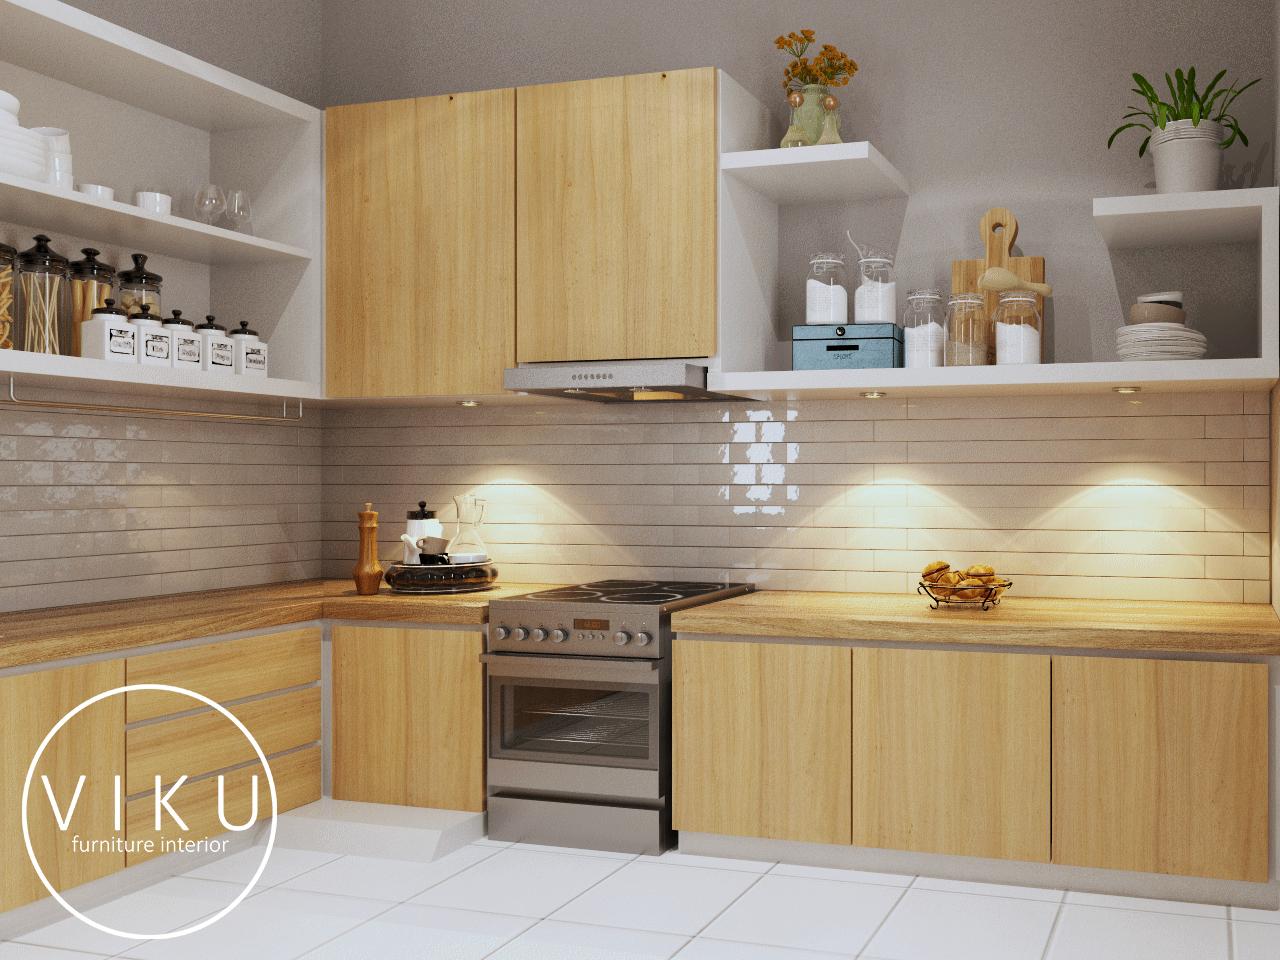 7 tips memilih kitchen set dengan budget minimal viku furniture bandung